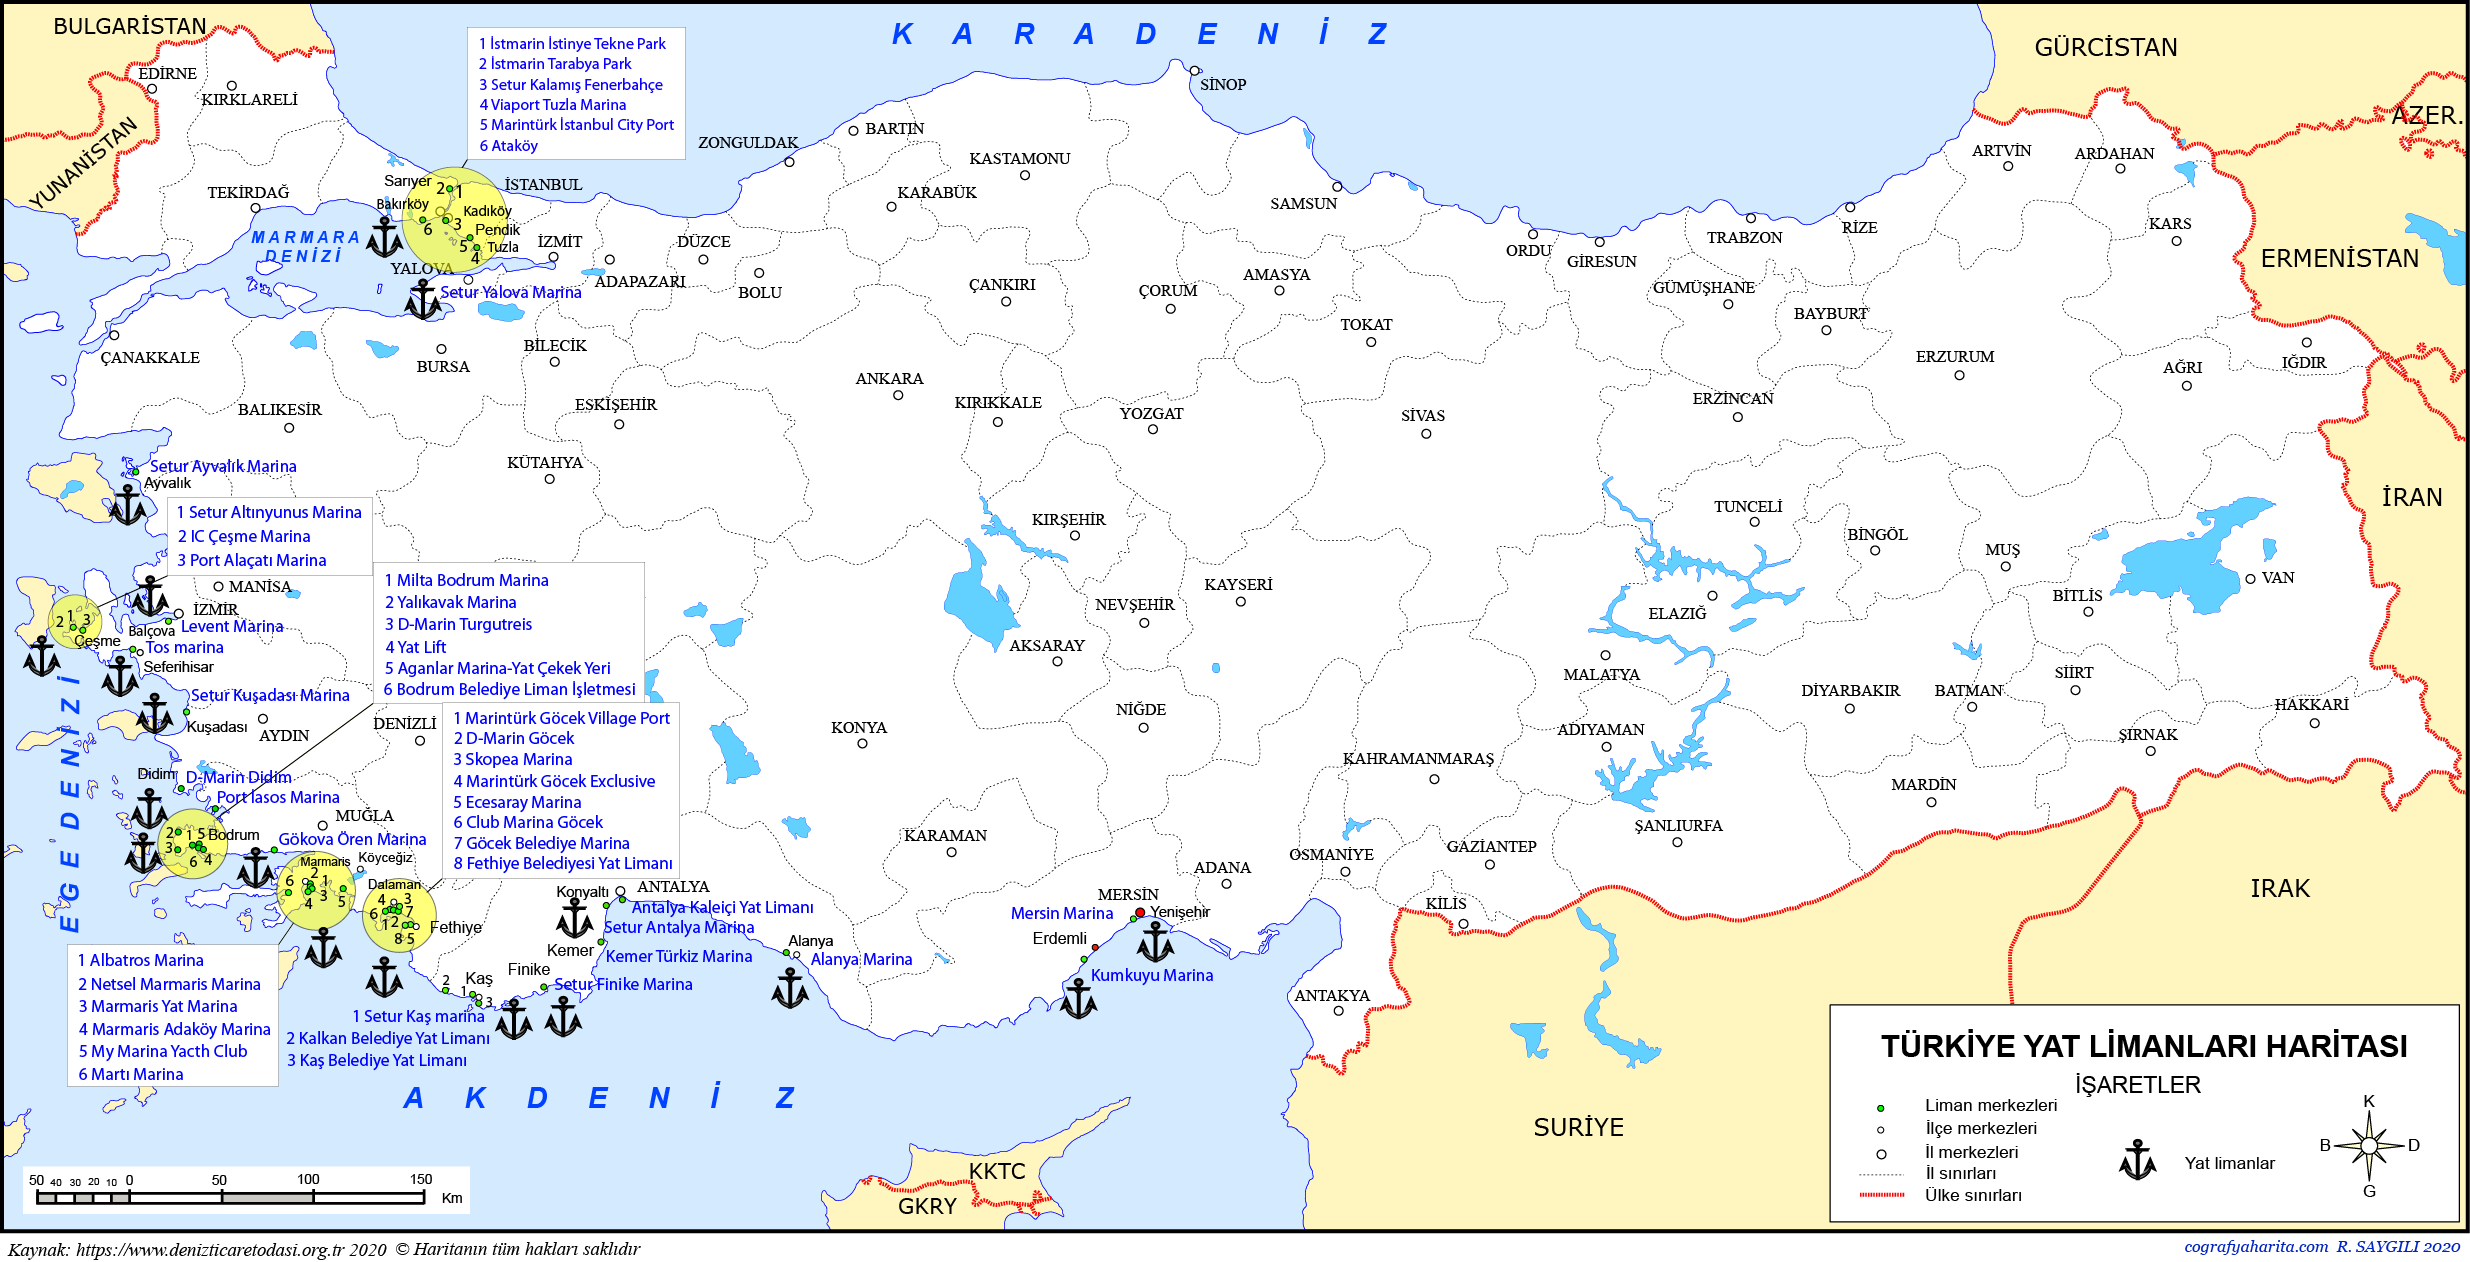 Türkiye Yat Limanları Haritası